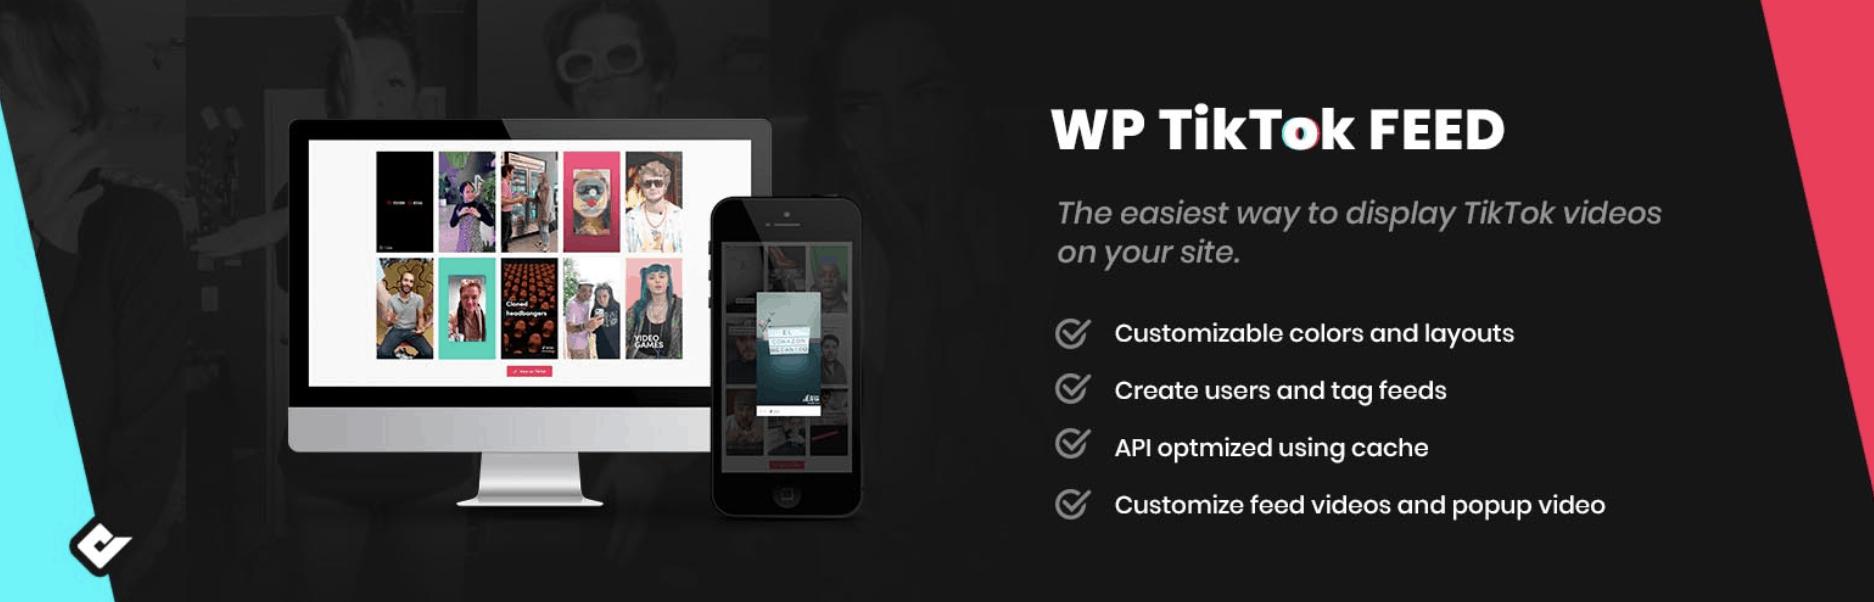 The WP TikTok Feed plugin.